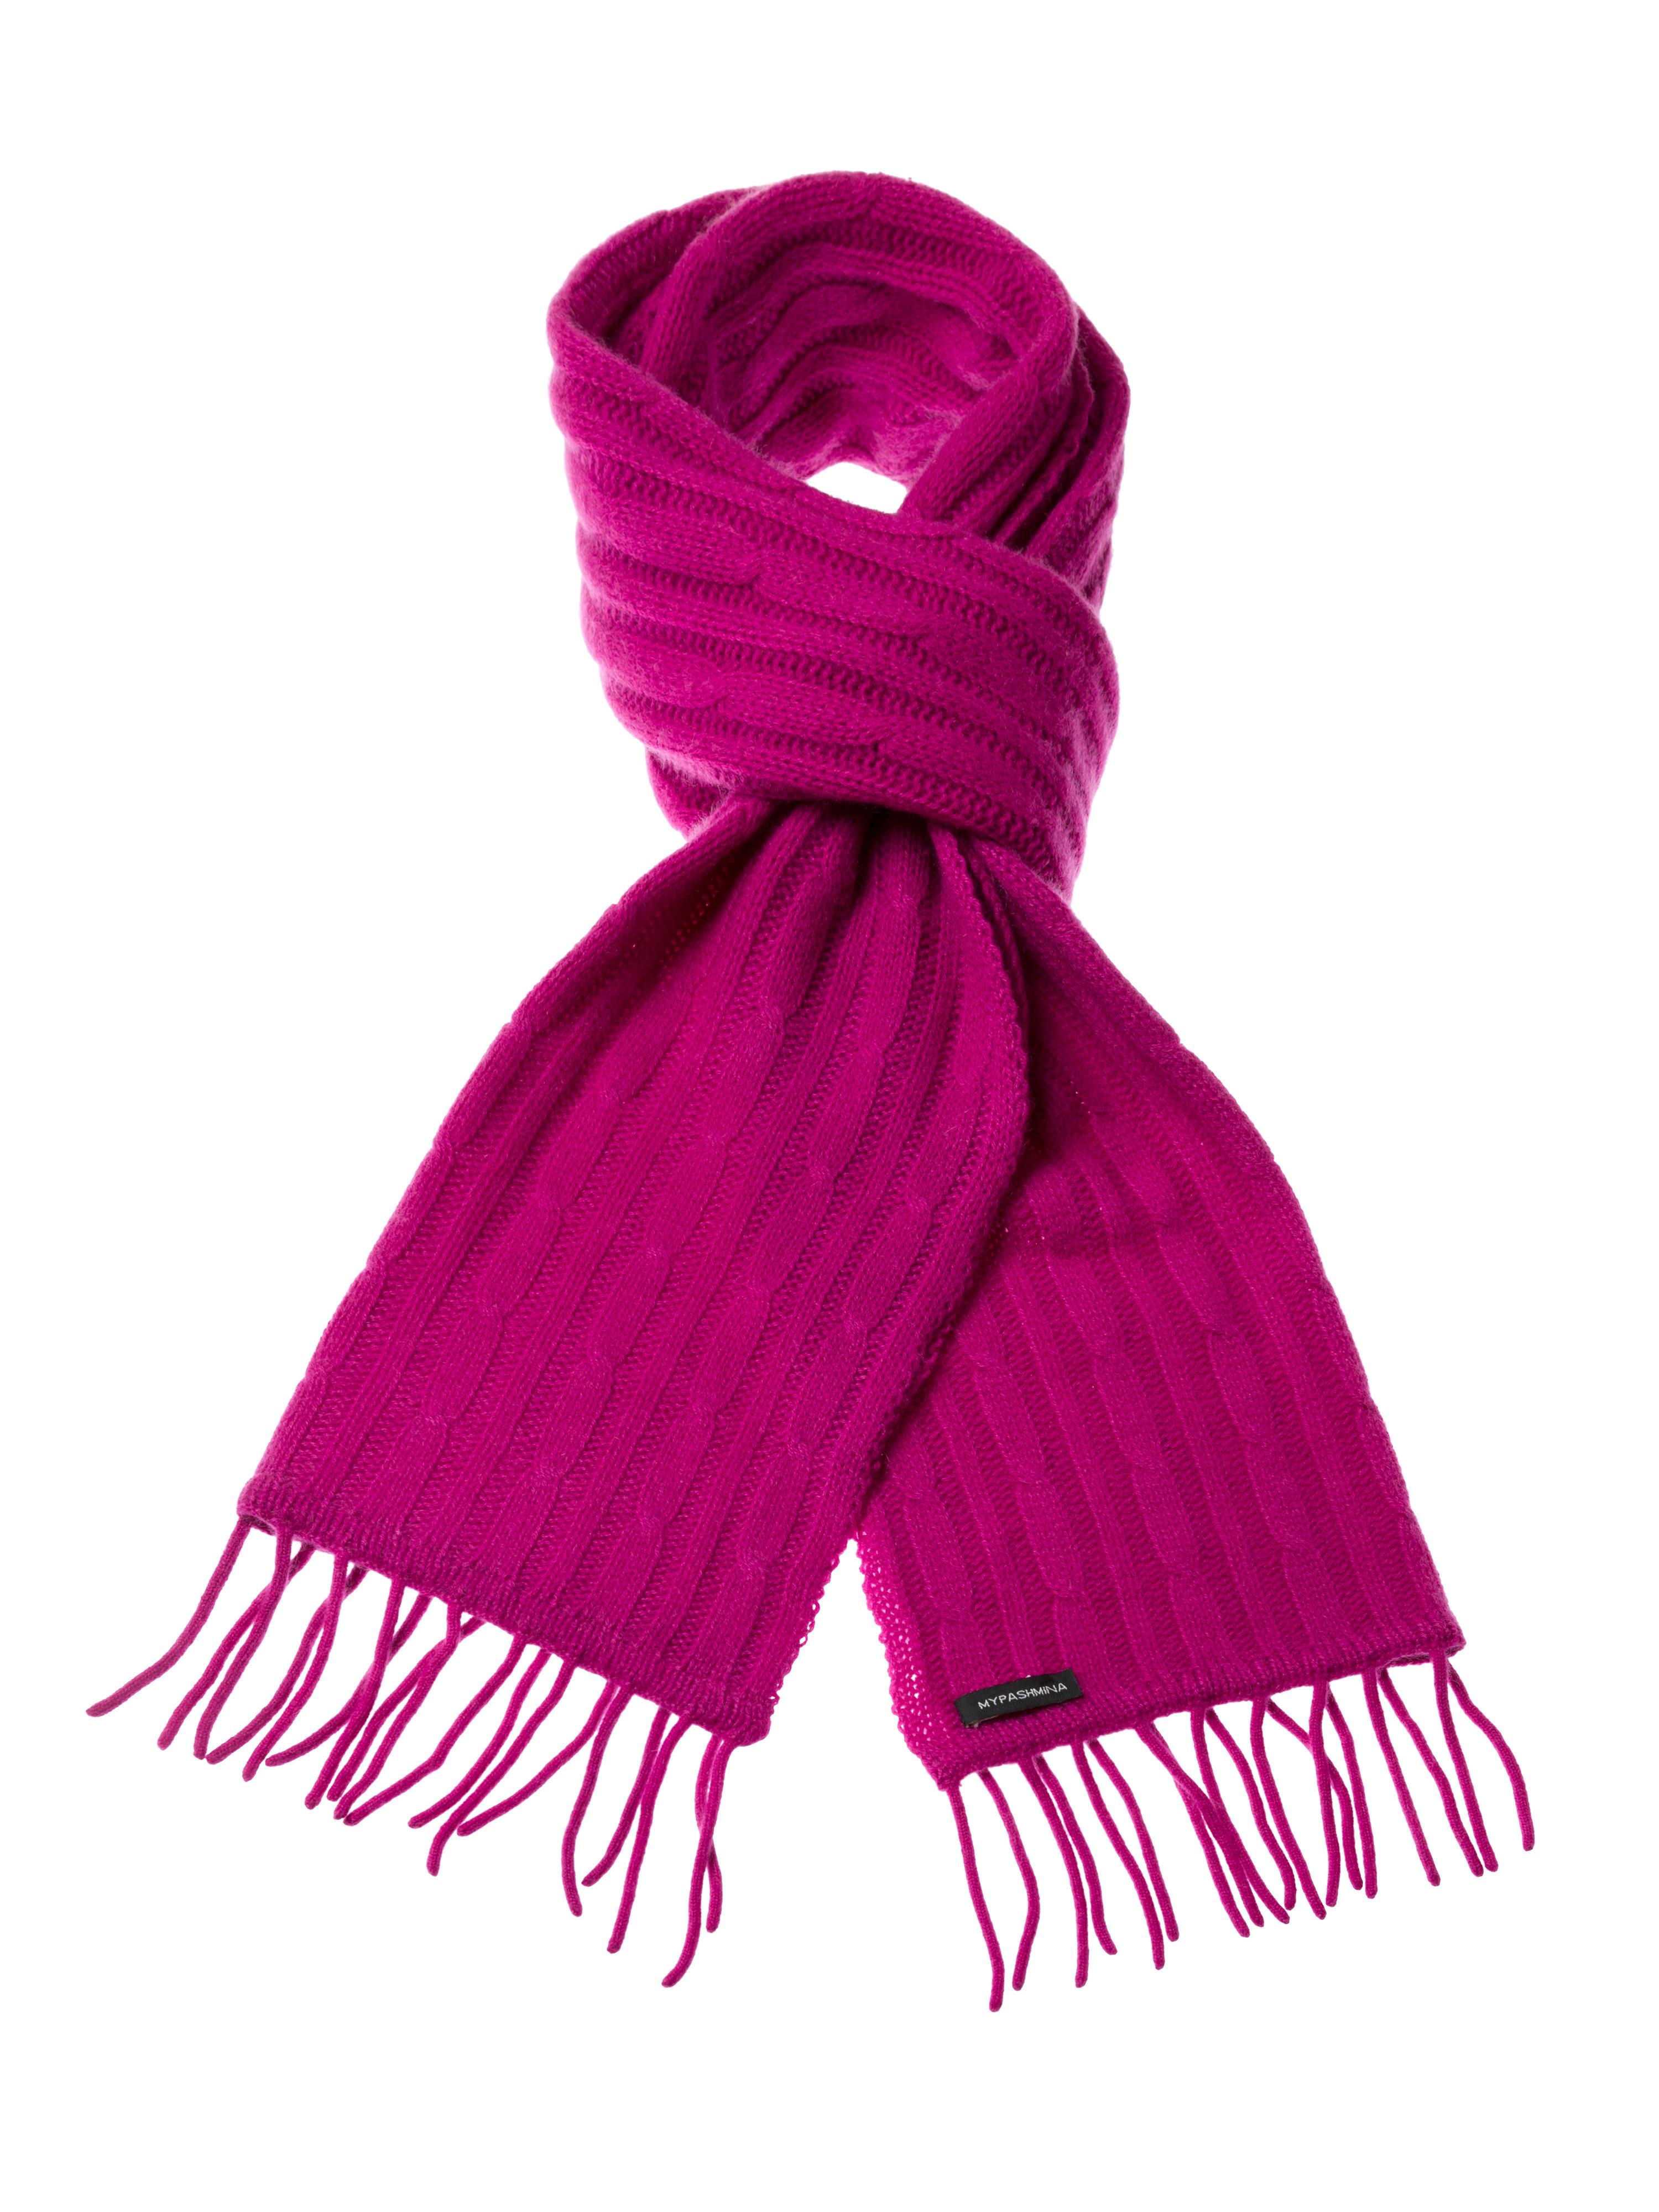 d19e91de6f1 Cable Knit Scarf – 100% Cashmere – 35x180cm – Deep Orchid – Mypashmina